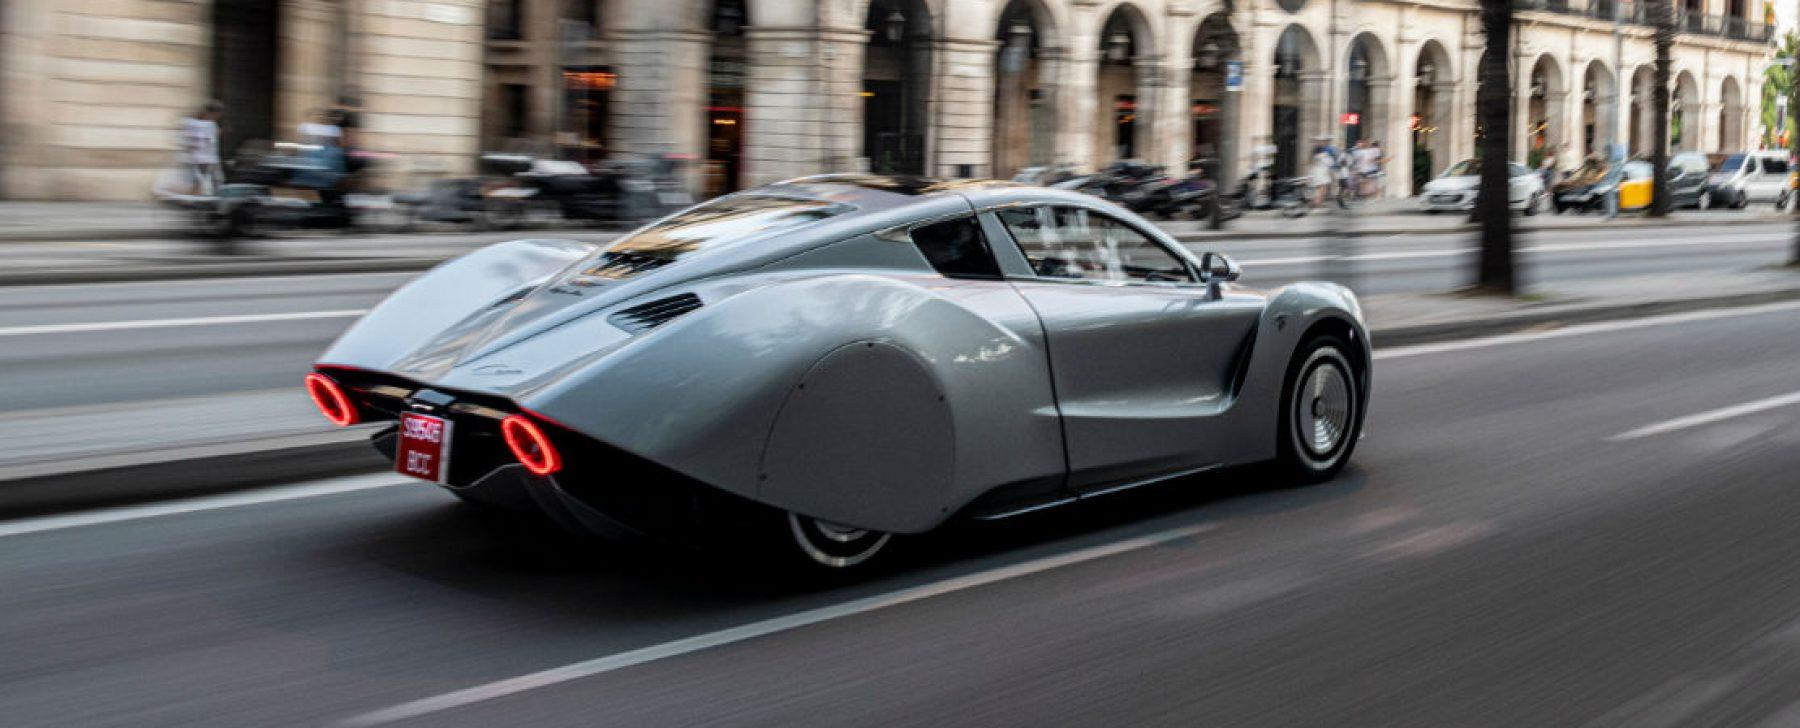 Hispano-Suiza-Carmen.jpg